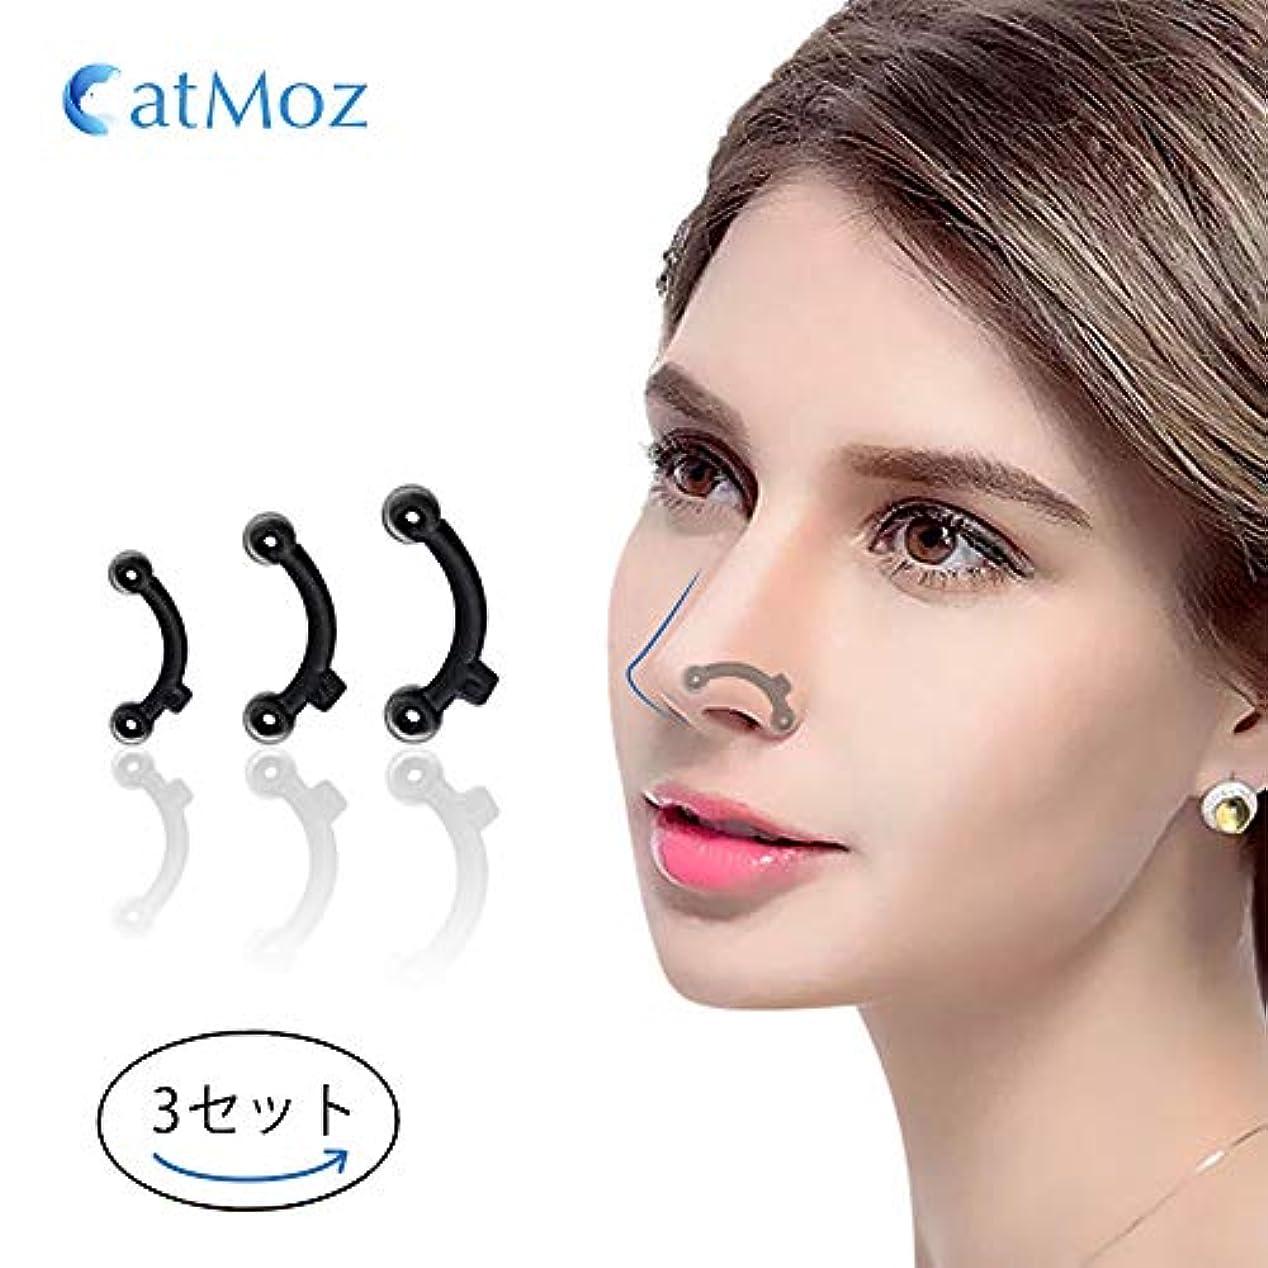 ナットピック人質鼻プチ 柔軟性高く ハナのアイプチ CatMoz ビューティー正規品 矯正プチ 整形せず 23mm/24.5mm/26mm全3サイズセット